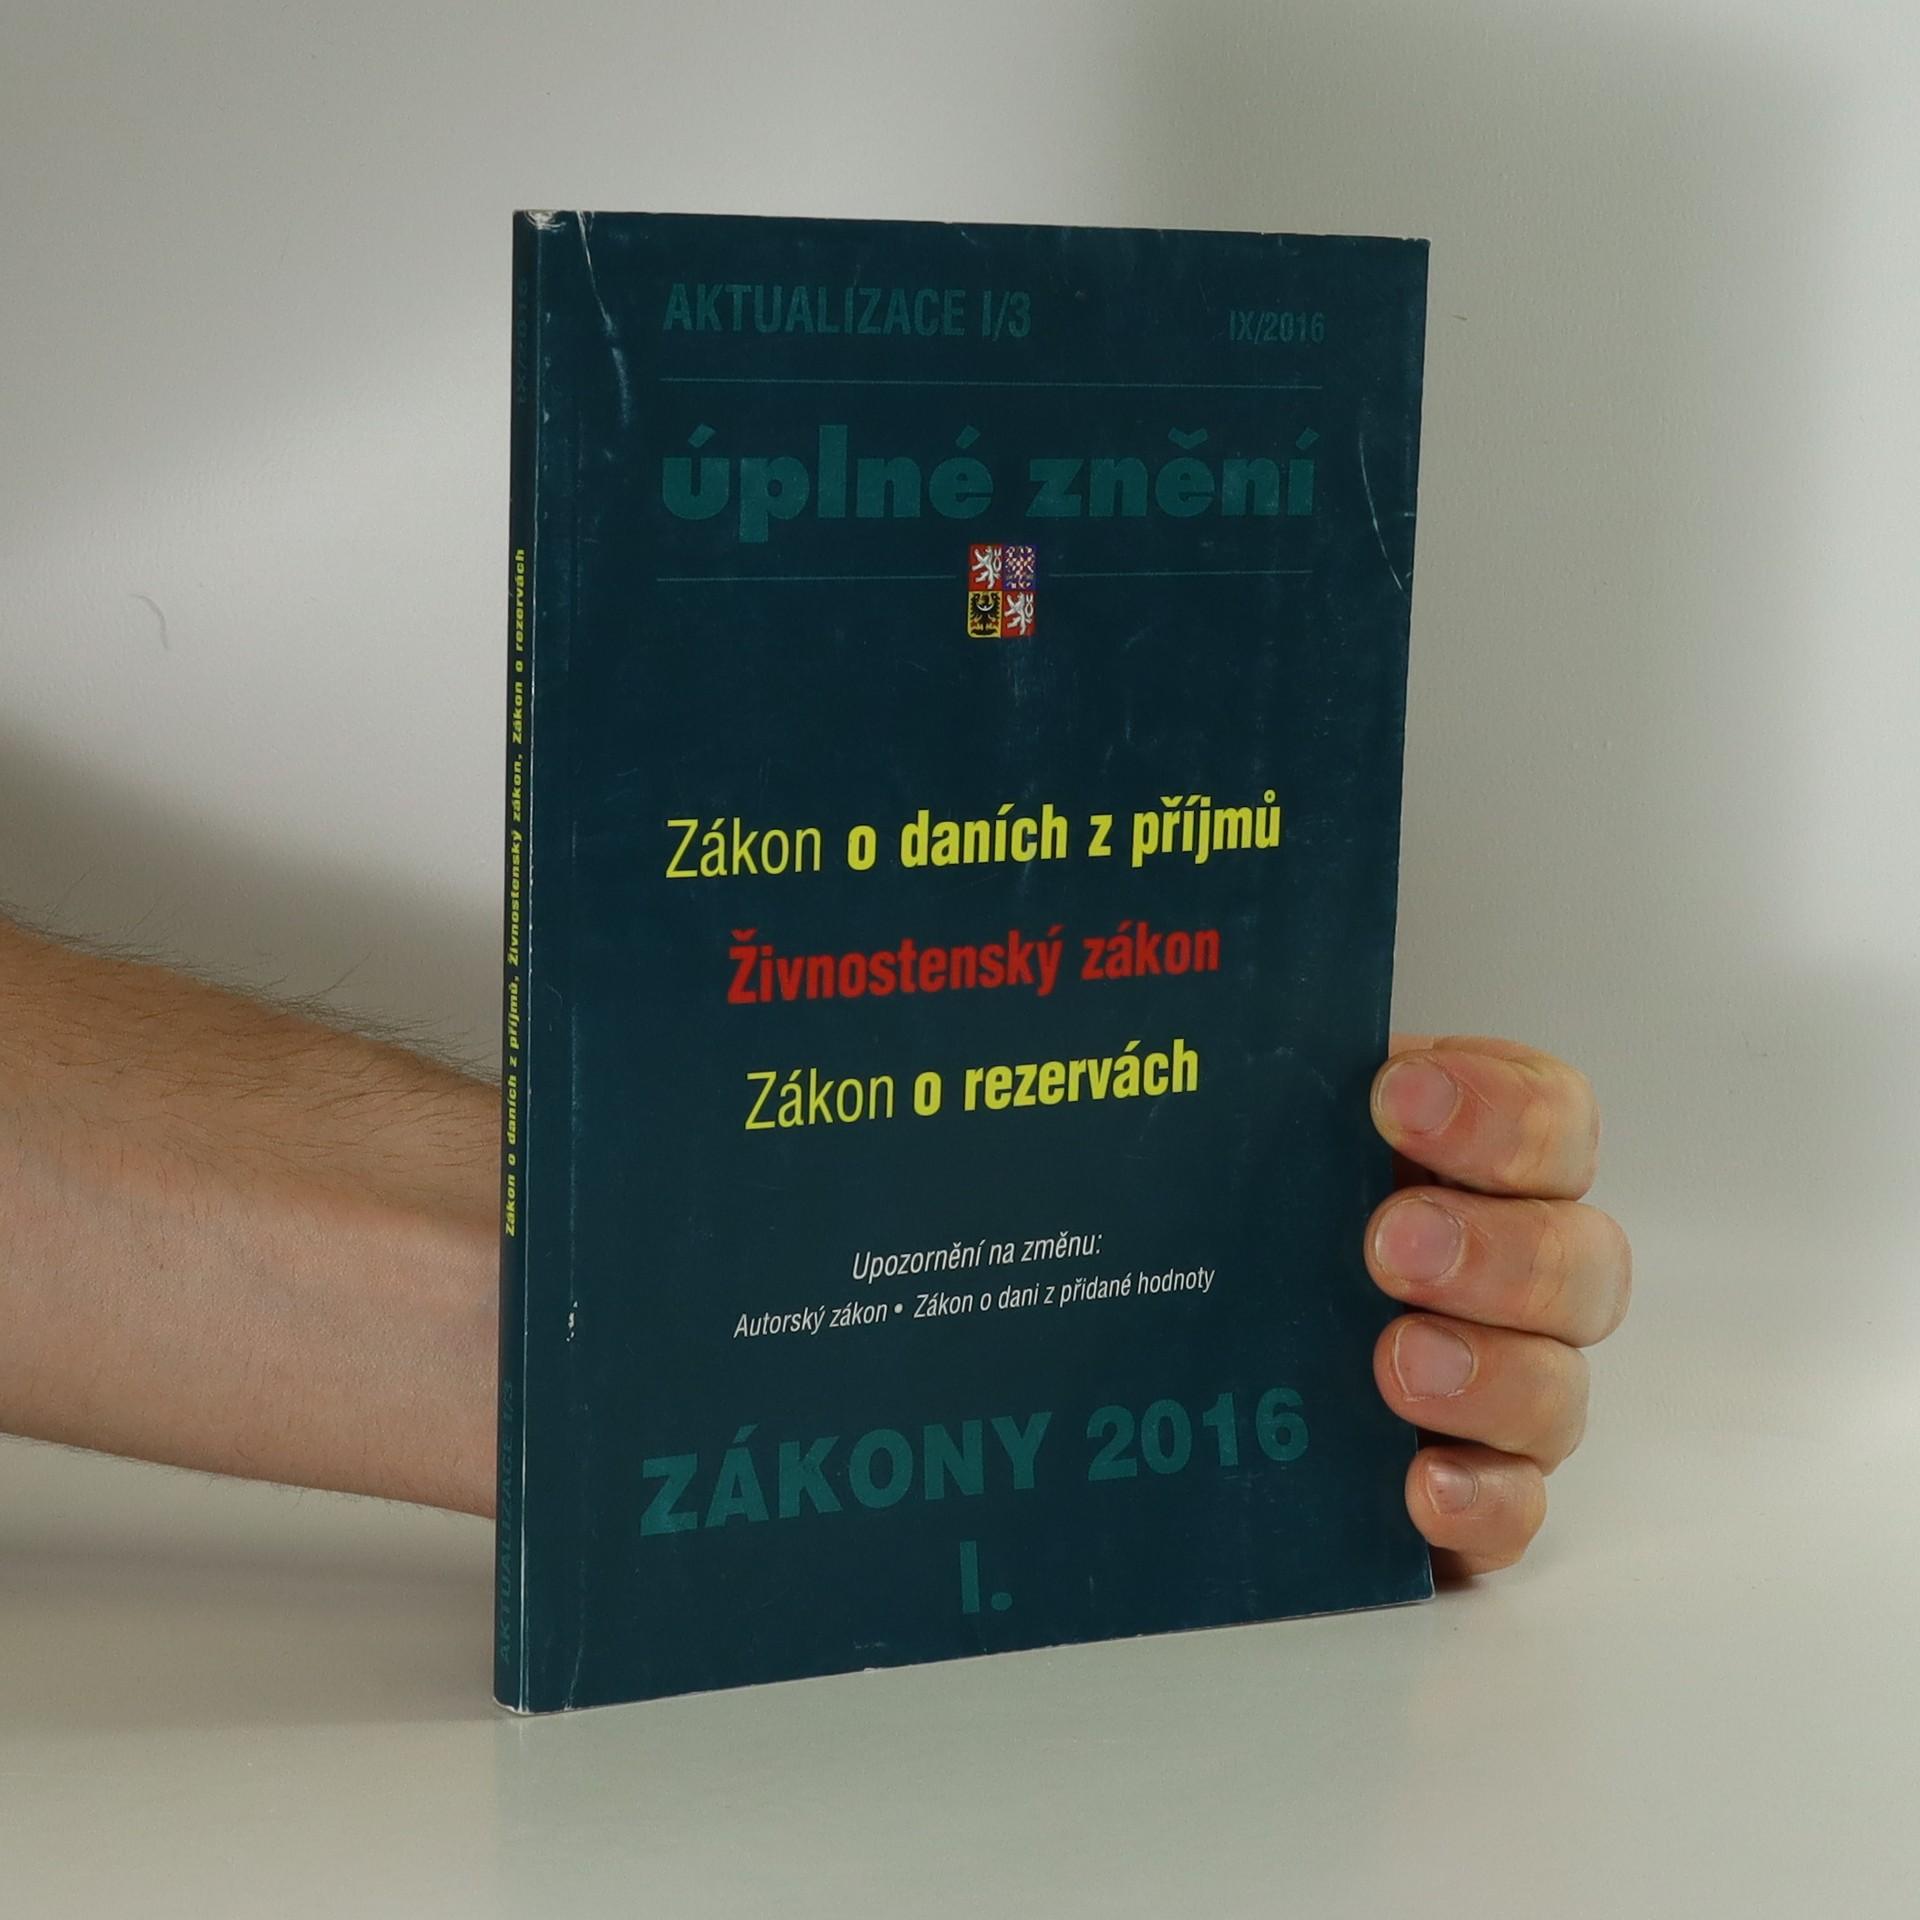 antikvární kniha Zákony 2016 I : úplné znění. Aktualizace I, 2016